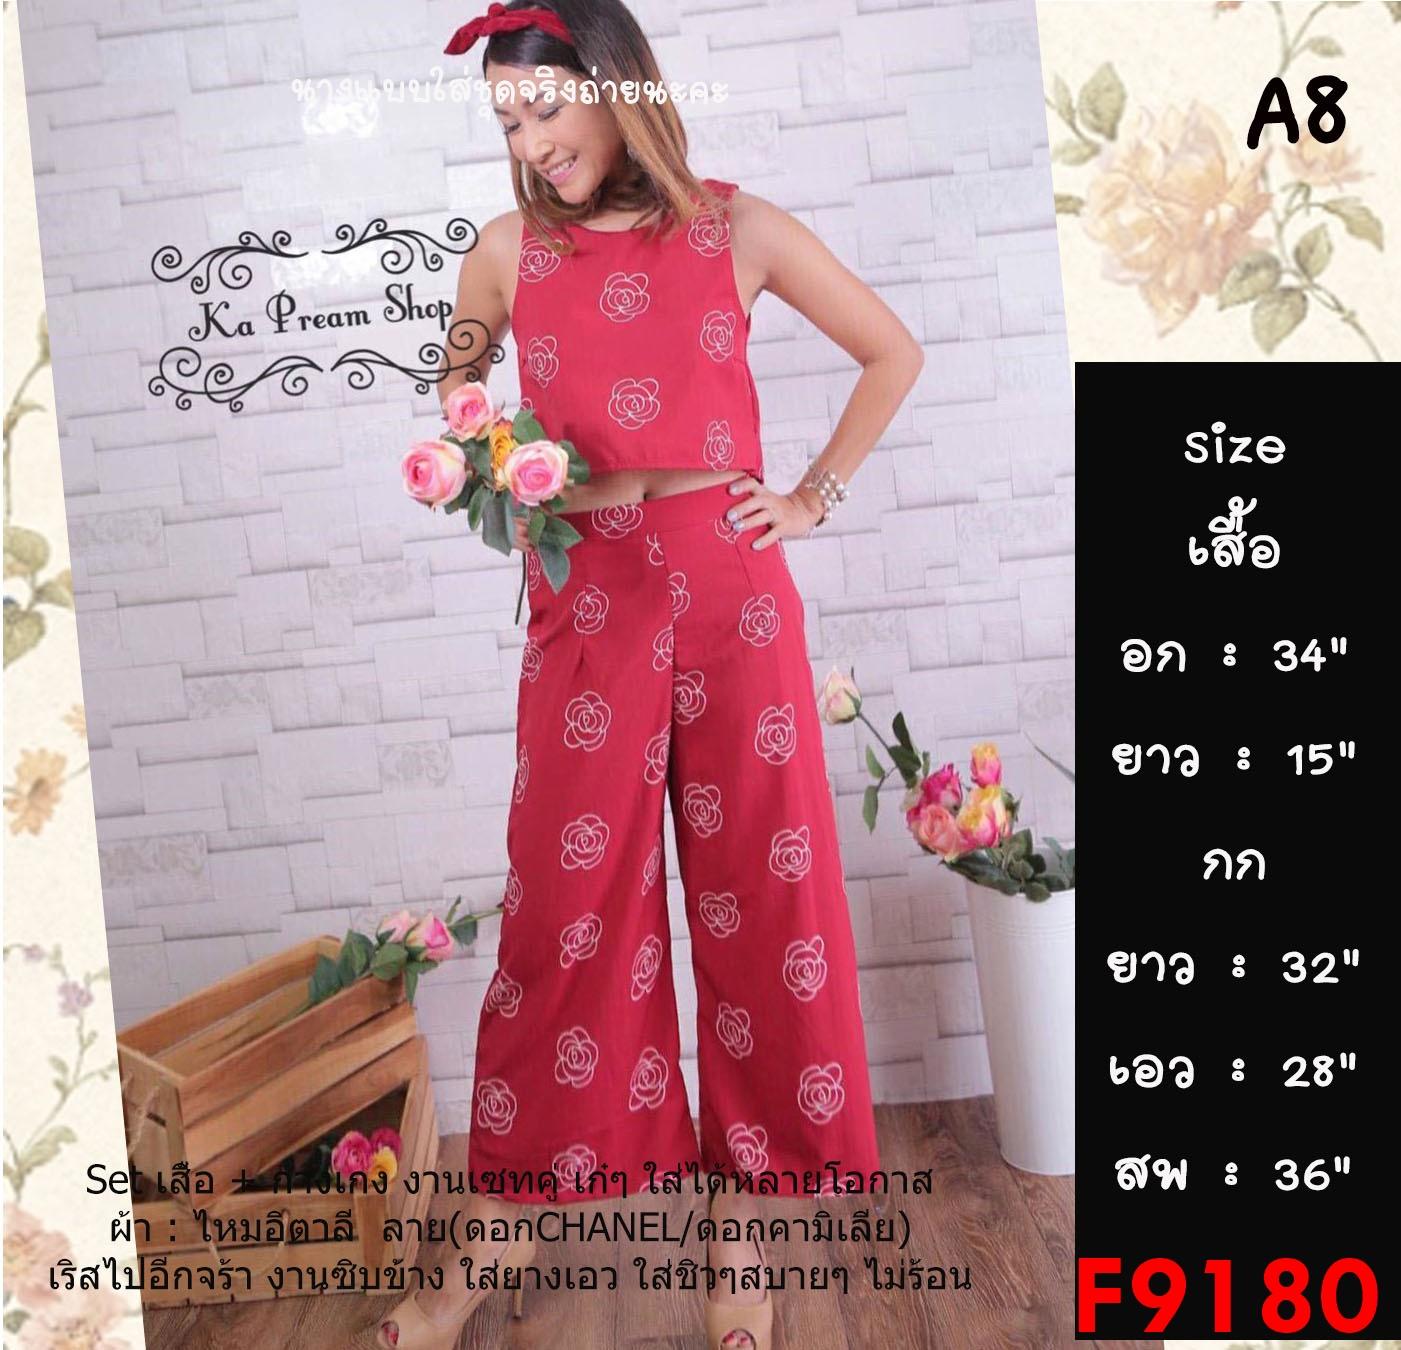 F9180 ชุดเสื้อ+กางเกง เสื้อเอวลอยแขนกุด กางเกงขายาวทรงกระบอก พิมพ์ลายดอกชาแนว สีแดง